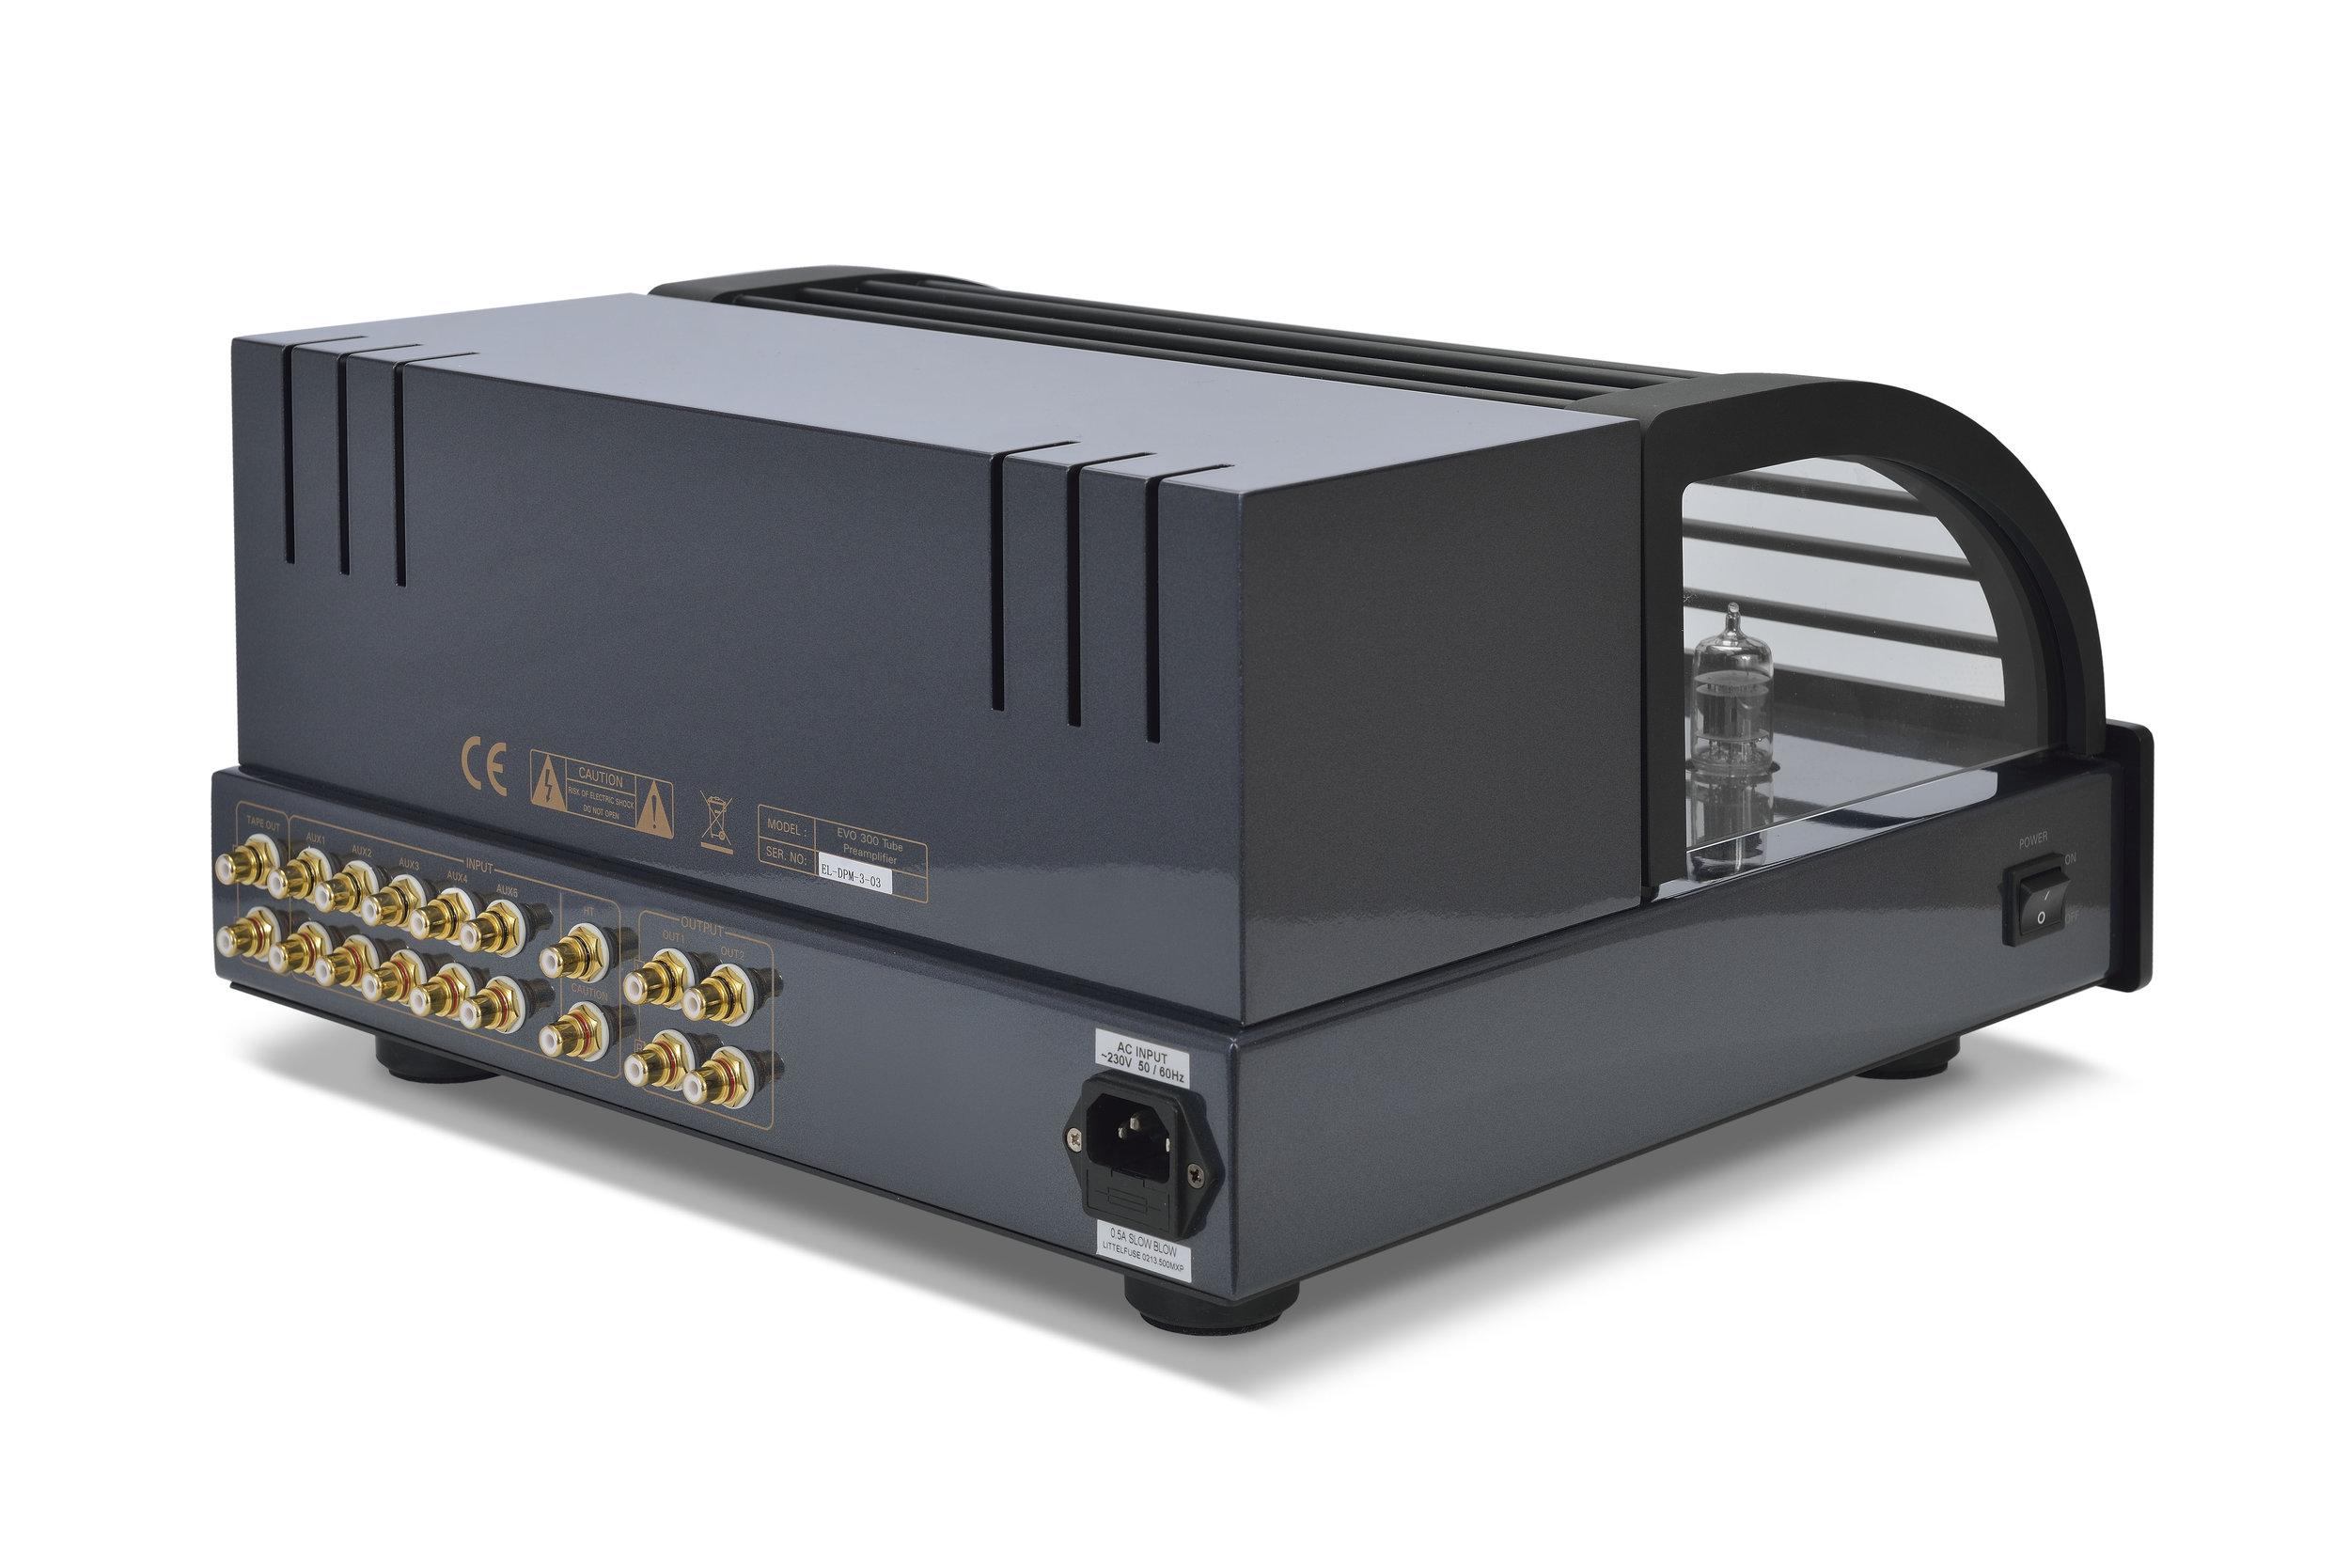 007b - PrimaLuna Evo 300 Tube Preamplifier - black - back - slanted - white background.jpg